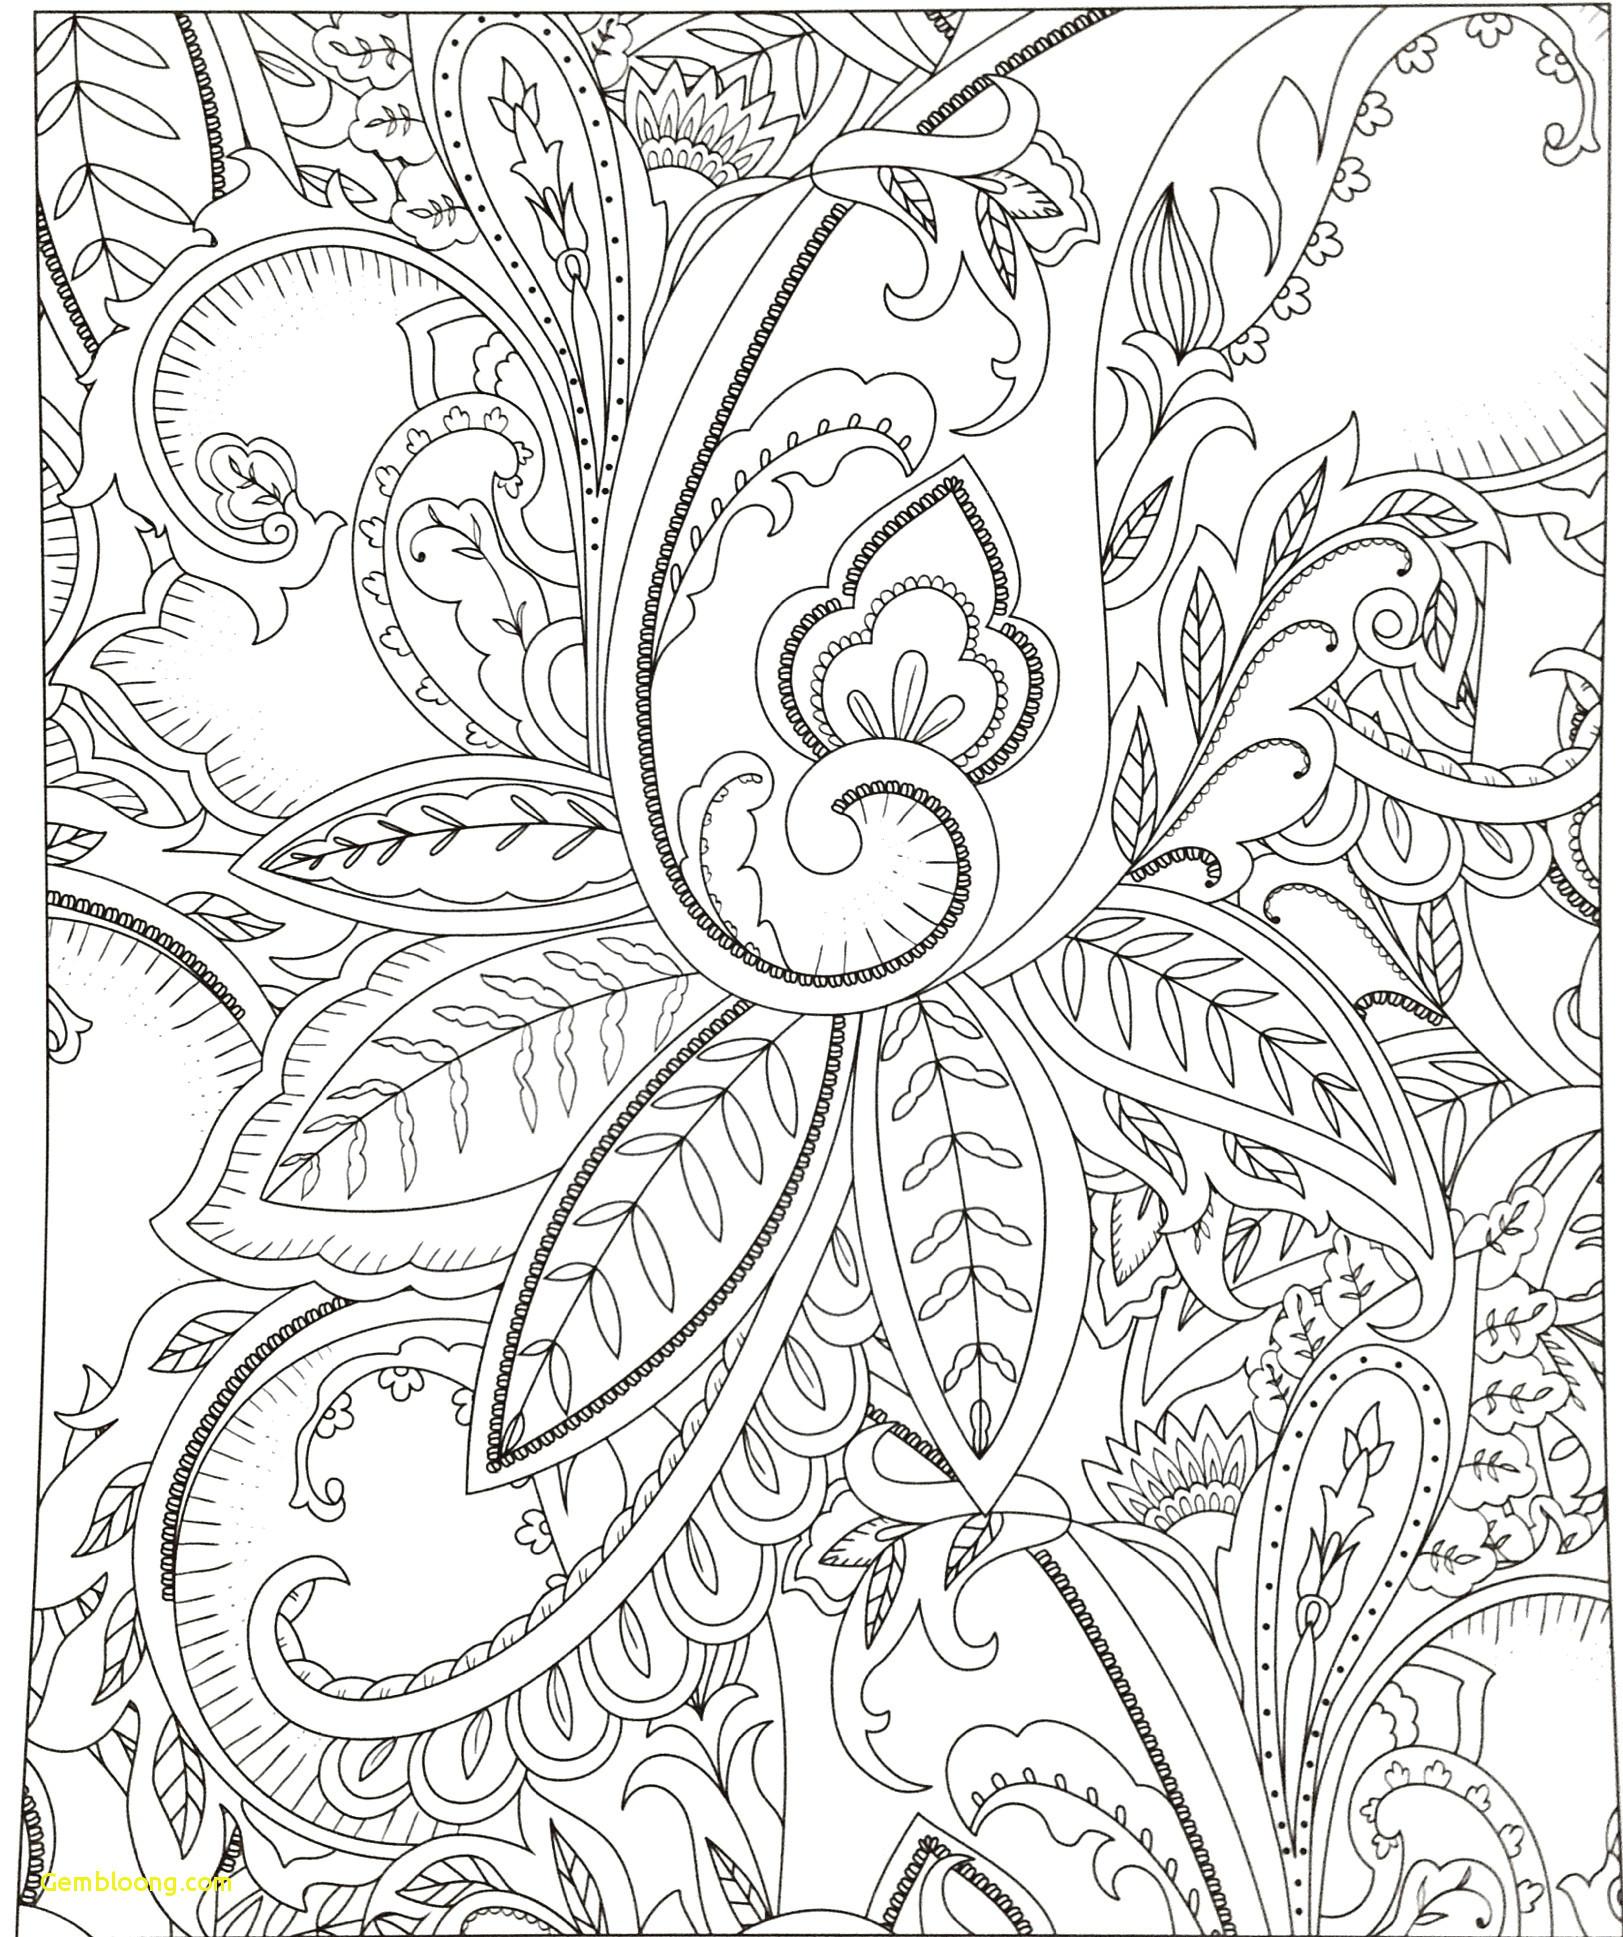 25 colored pencil drawings step by step vast luxury how to use colored pencils of colored pencil drawings step by step jpg